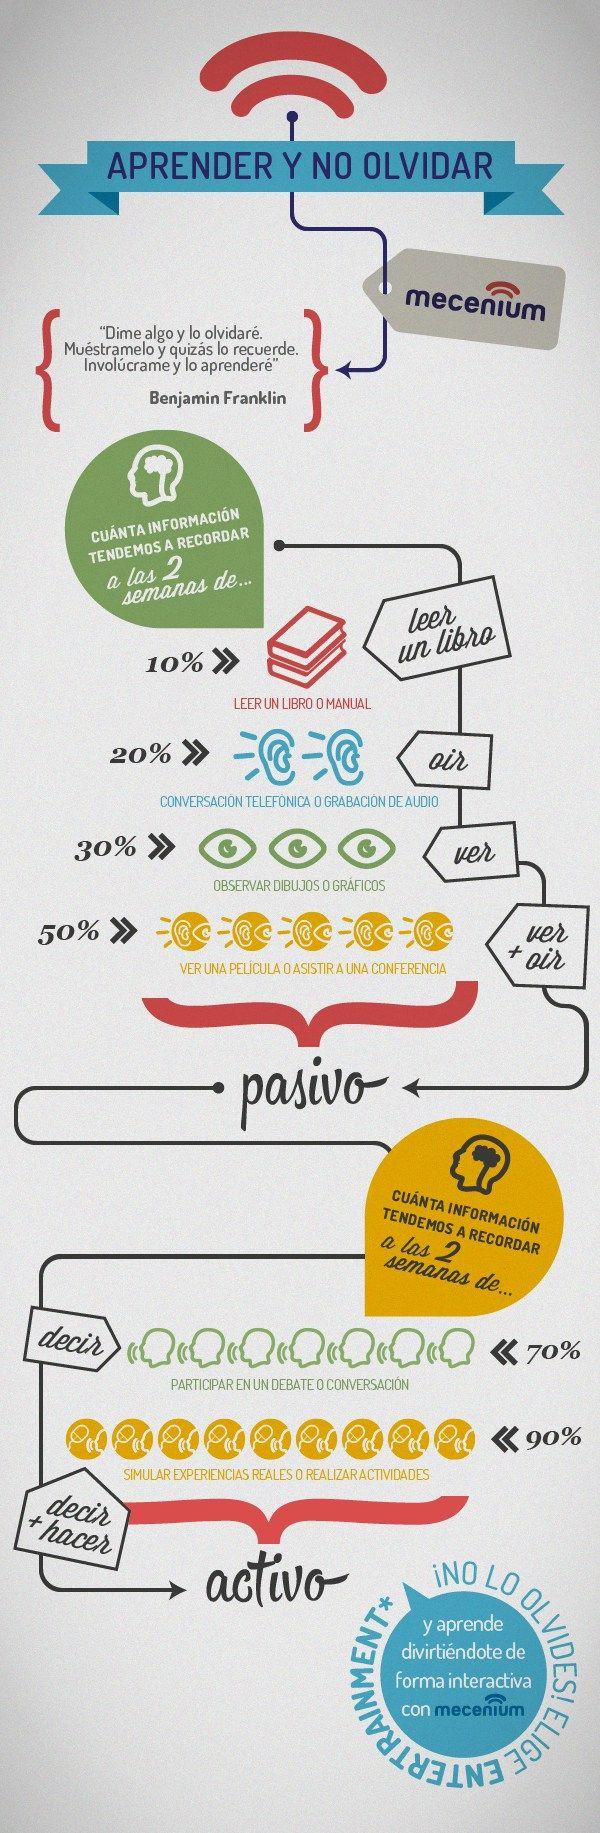 Aprender y no olvidar - Infografía